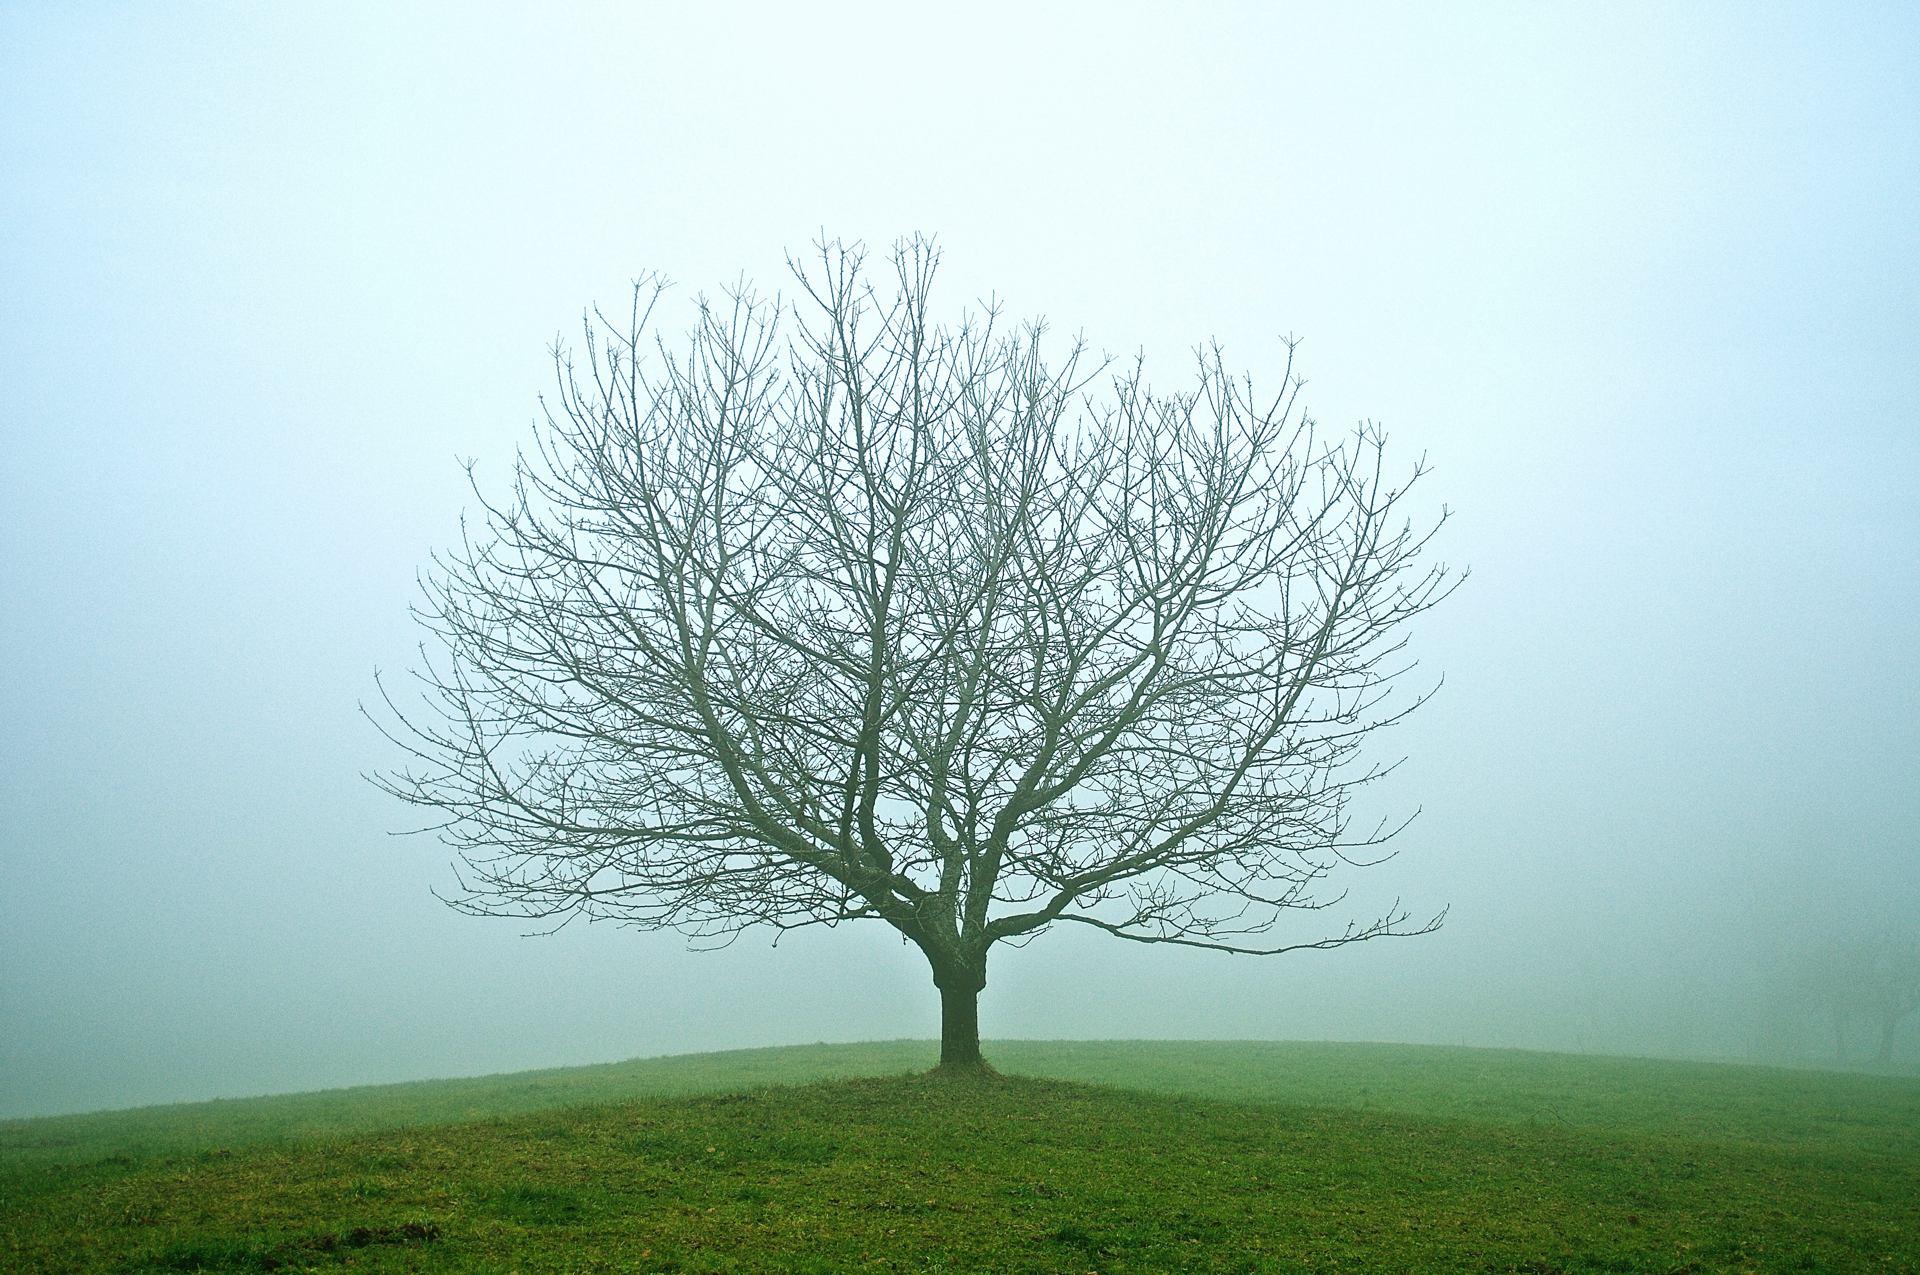 Tenue légère (dans la brume)